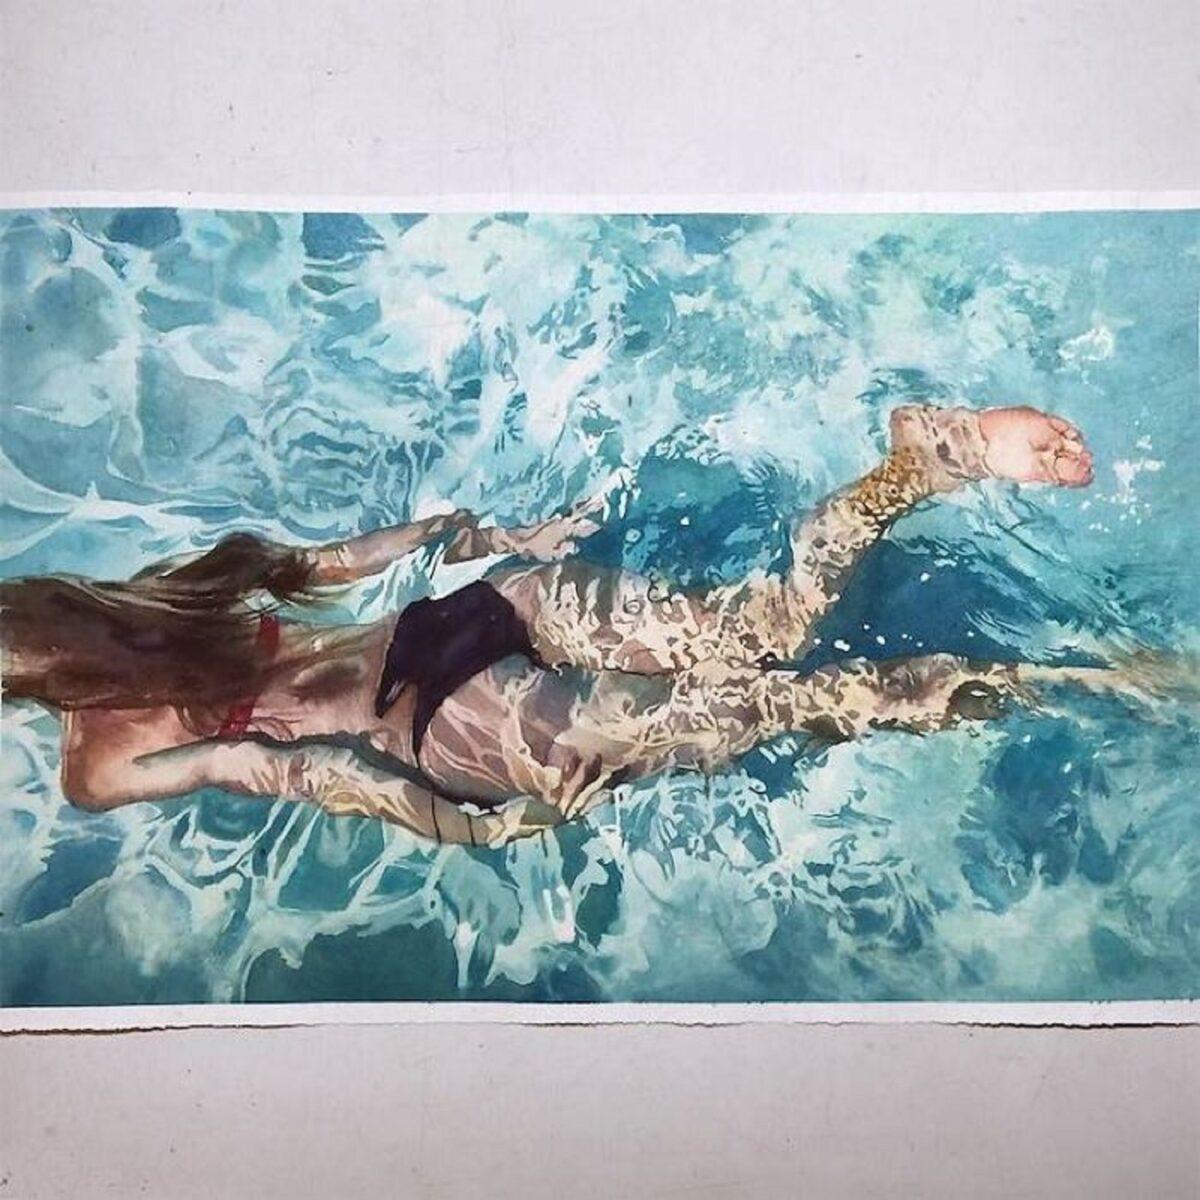 Marcos Beccari artista brasileiro retrata pessoas dentro dagua em incriveis pinturas aquarelas 5